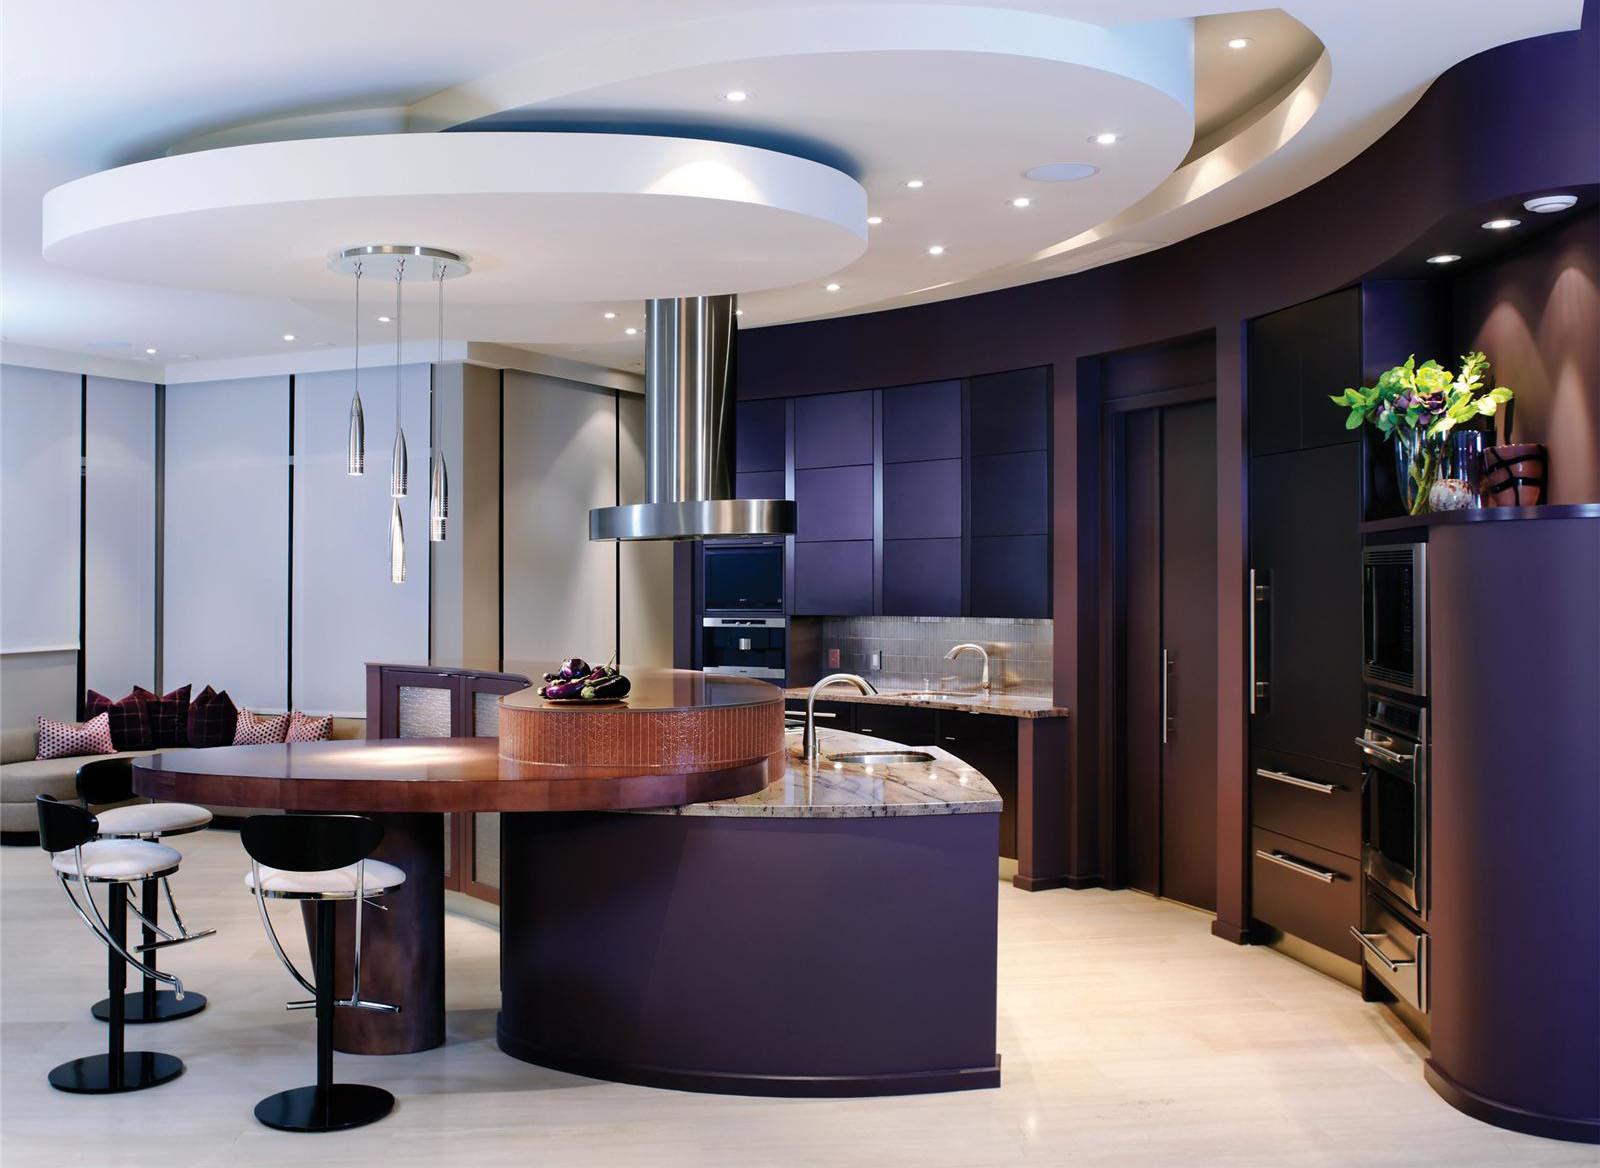 open contemporary kitchen design ideas kitchen designs Open Contemporary Kitchen Design Ideas